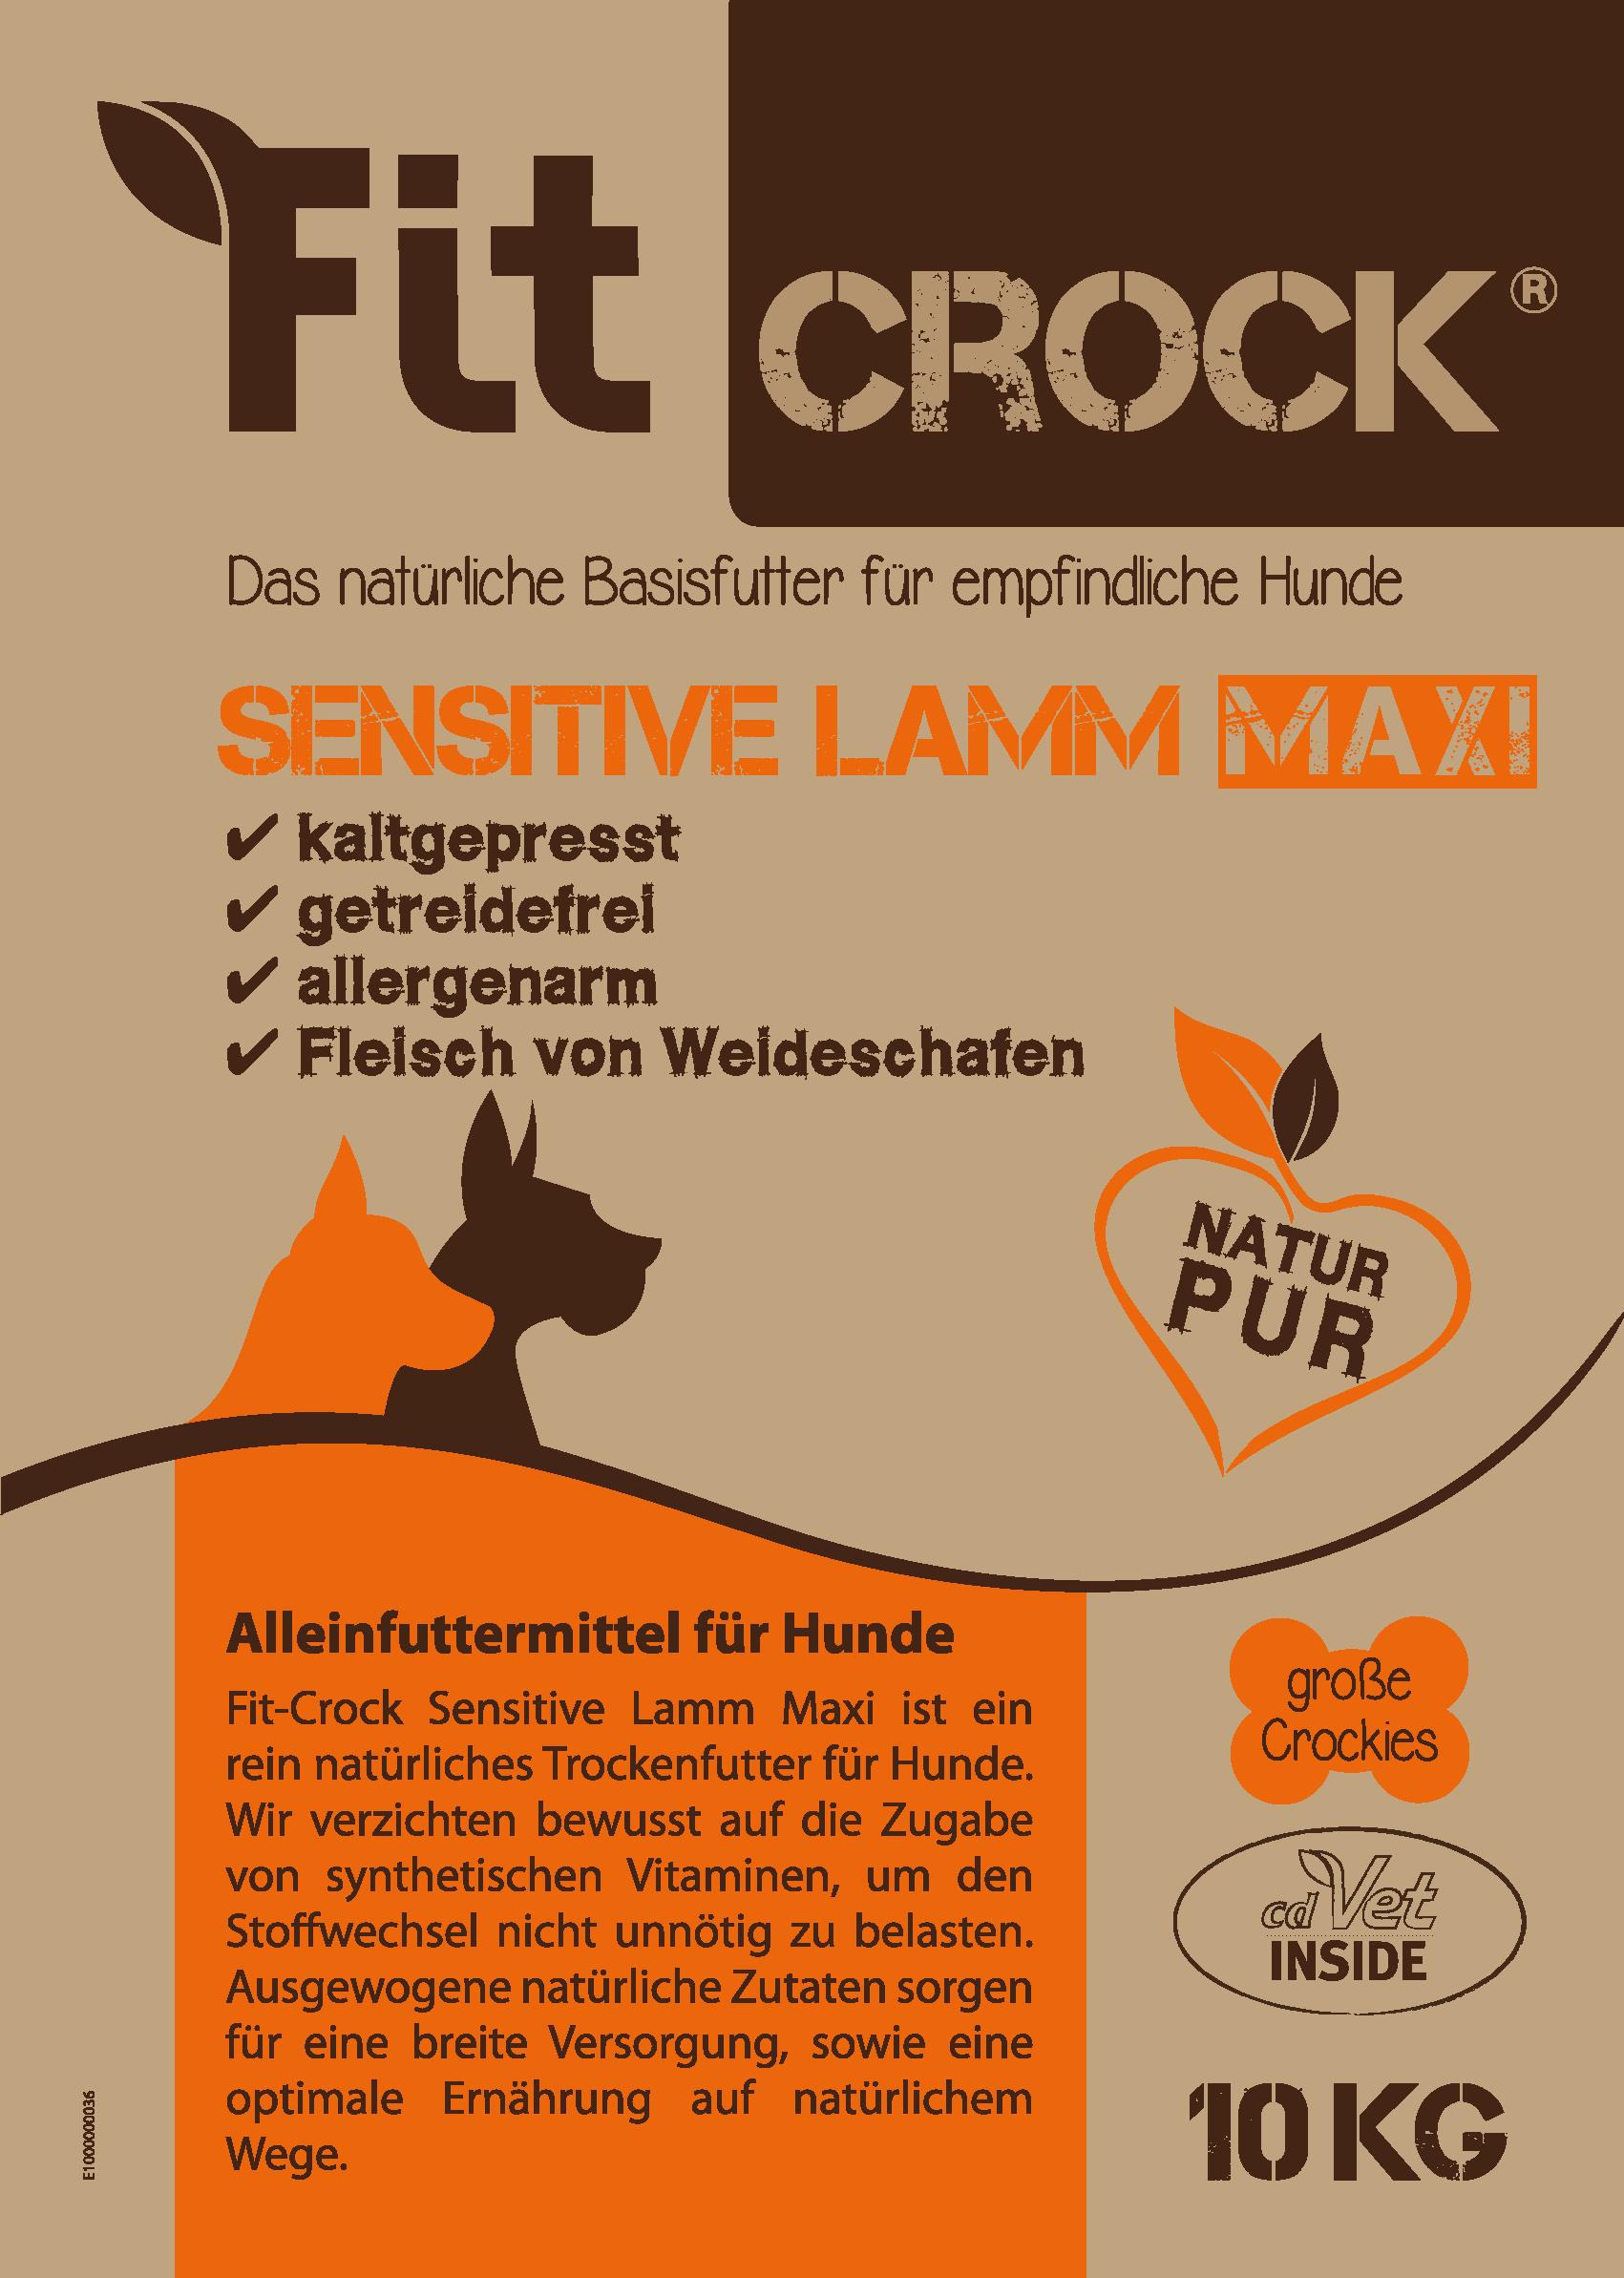 Fit-Crock Sensitive Lamm Maxi 10 kg